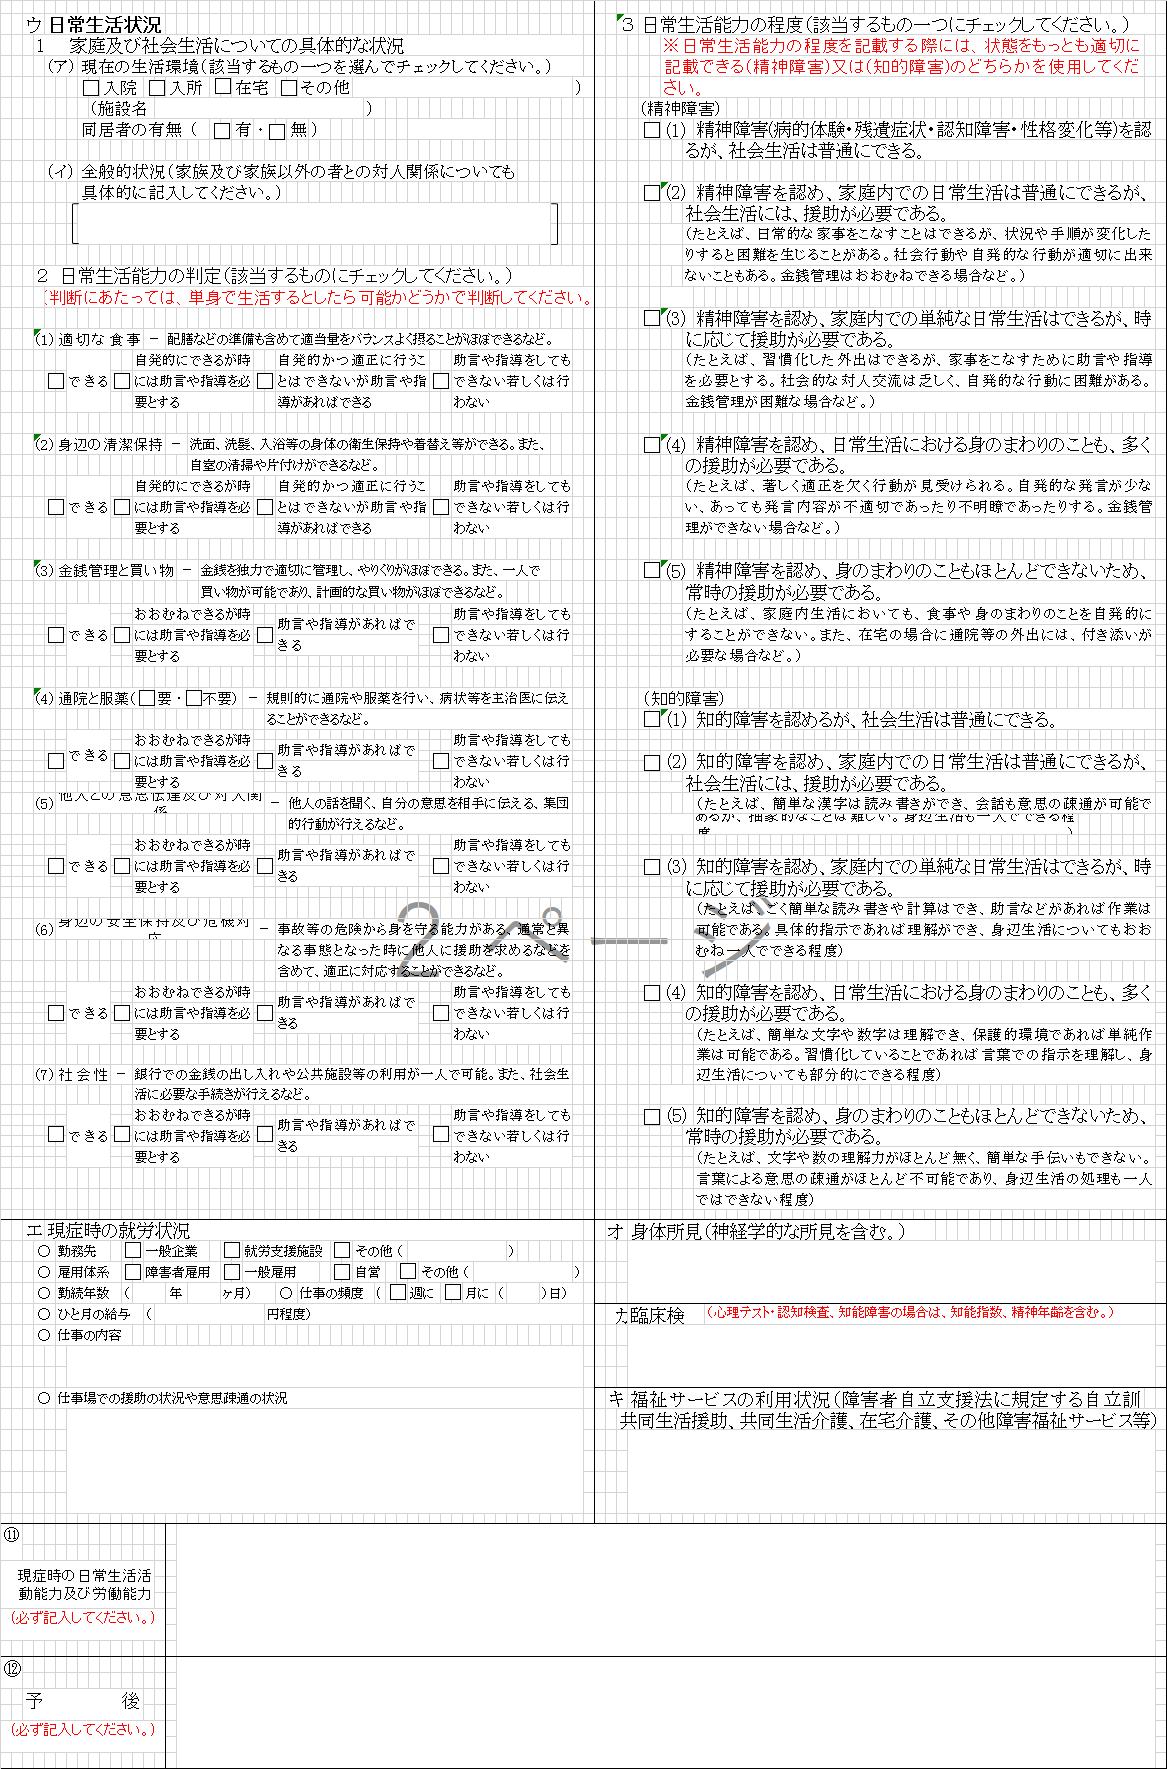 障害年金の診断書の重要箇所を記載しました。